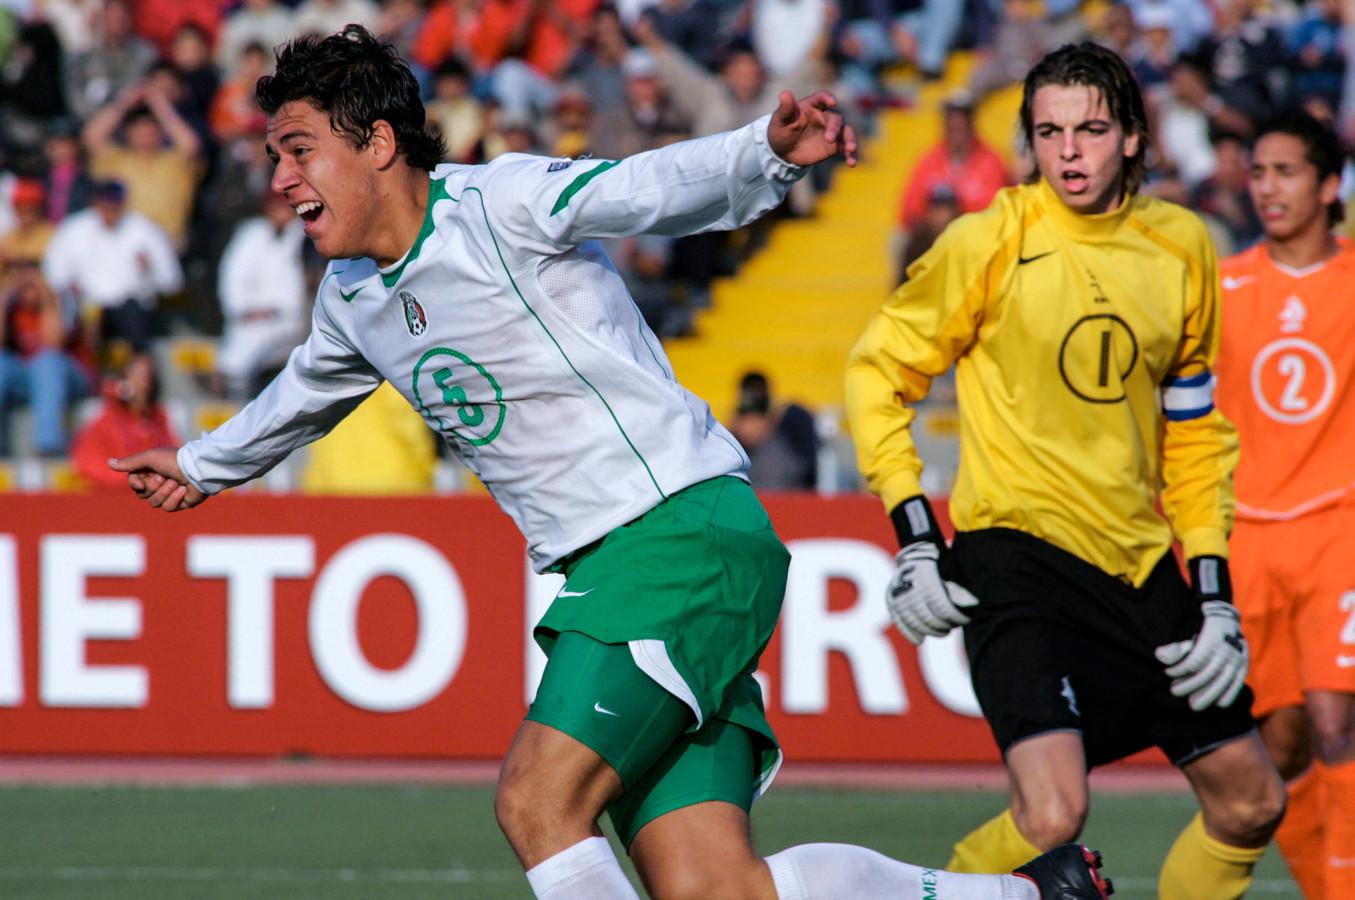 Tim Krul op het WK O17 als aanvoerder van Oranje. Hector Moreno (later PSV) heeft zojuist gescoord.